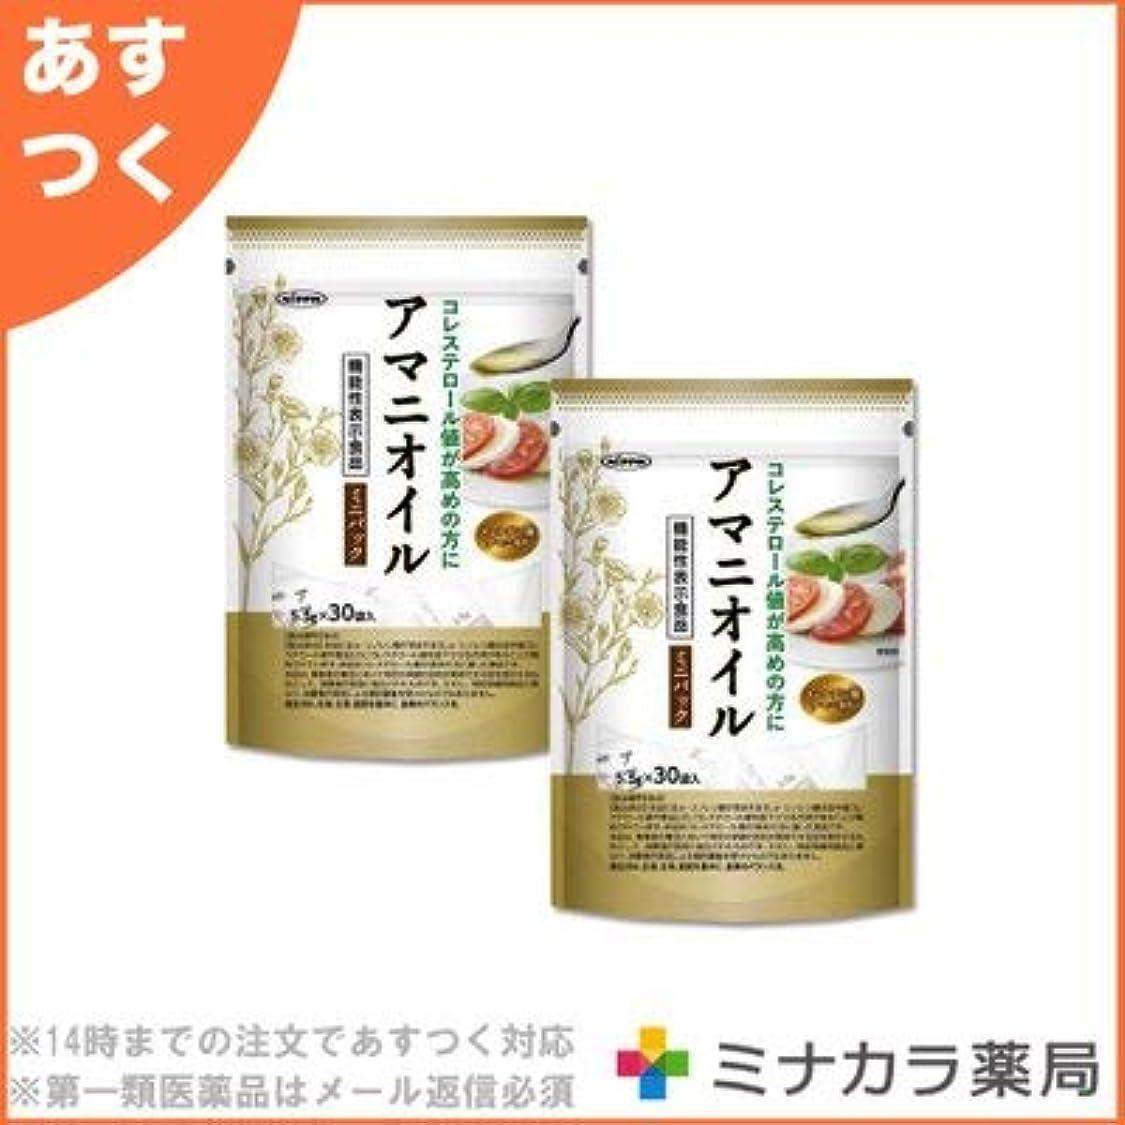 クラックポット外観エントリ日本製粉 アマニオイル ミニパック 5.5g×30 (機能性表示食品)×2個セット